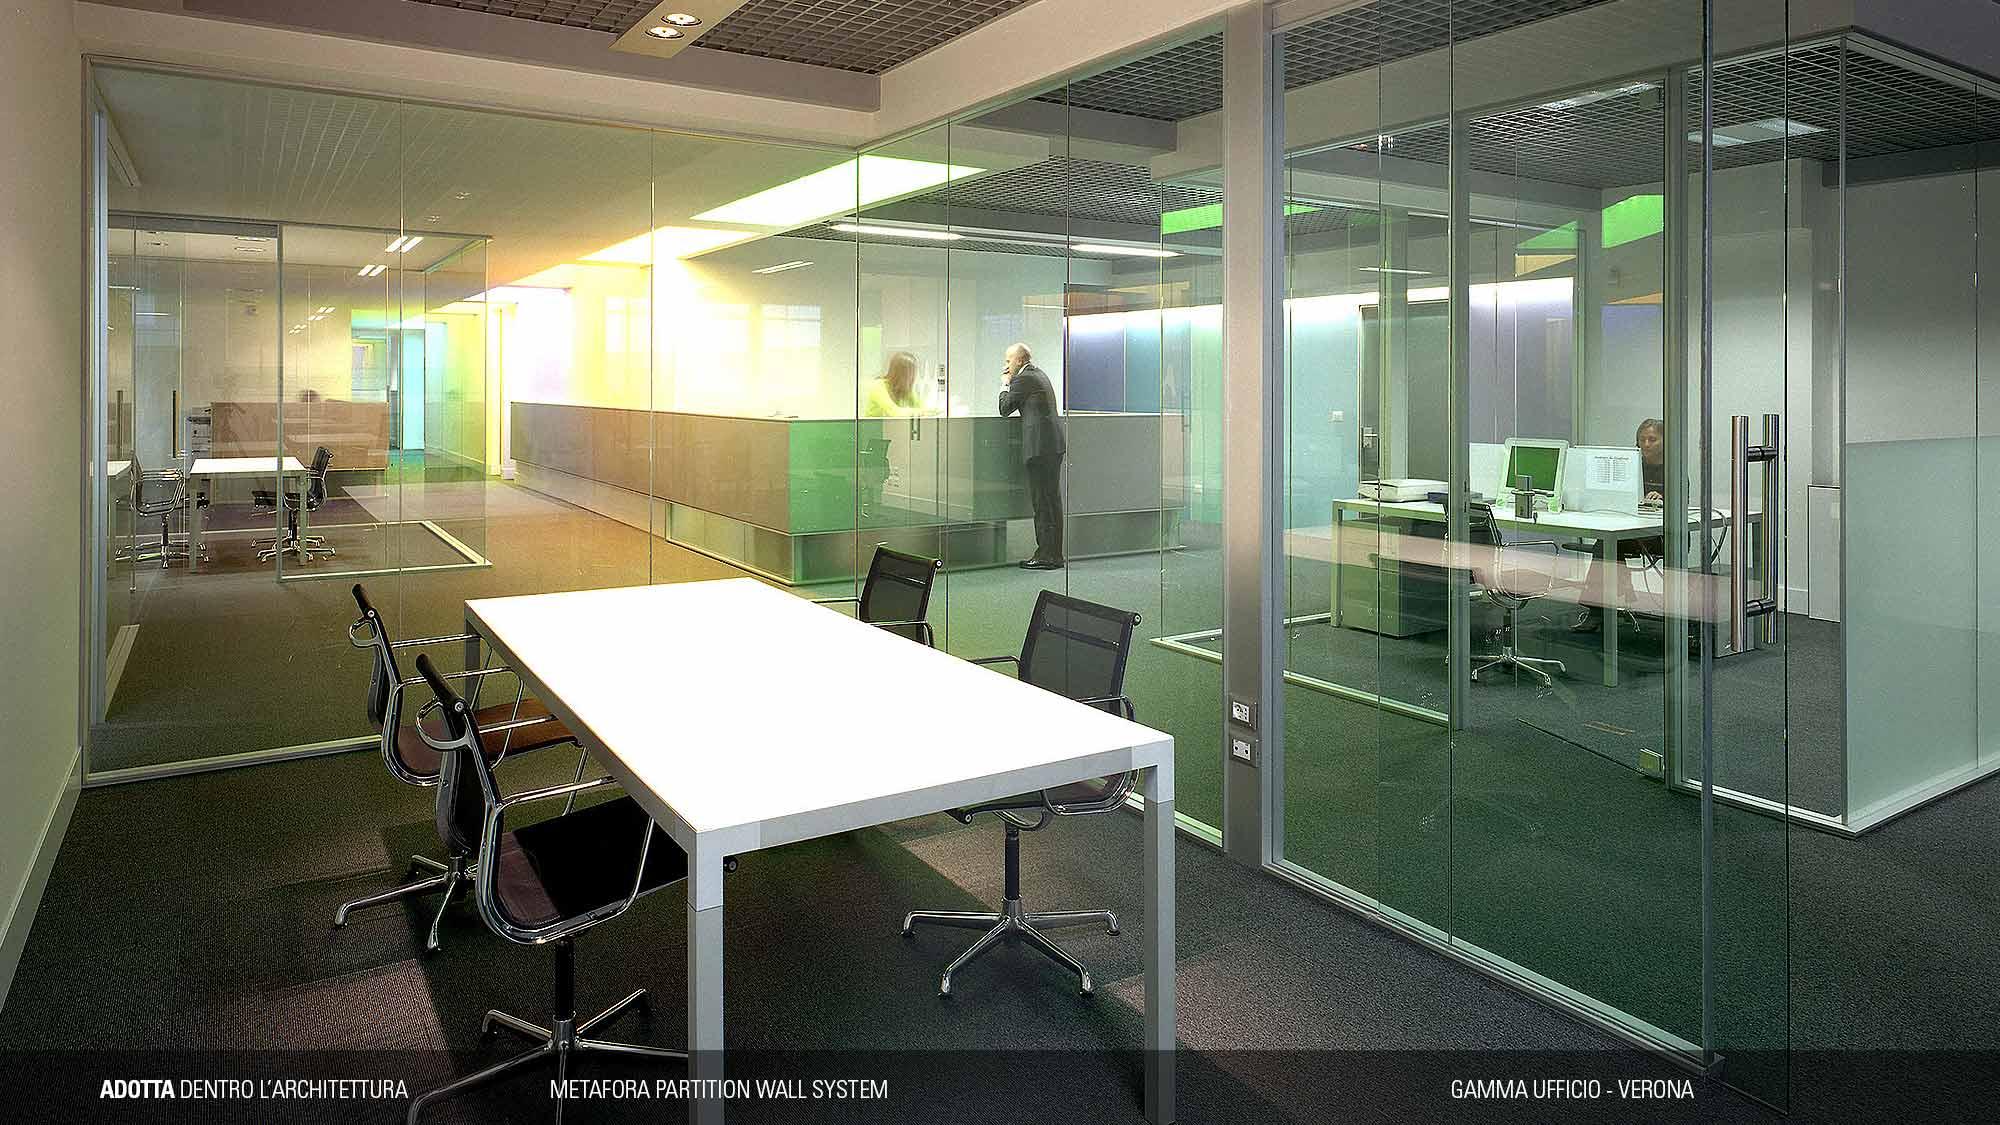 Ufficio A Verona : Gamma ufficio u adotta dentro l architettura